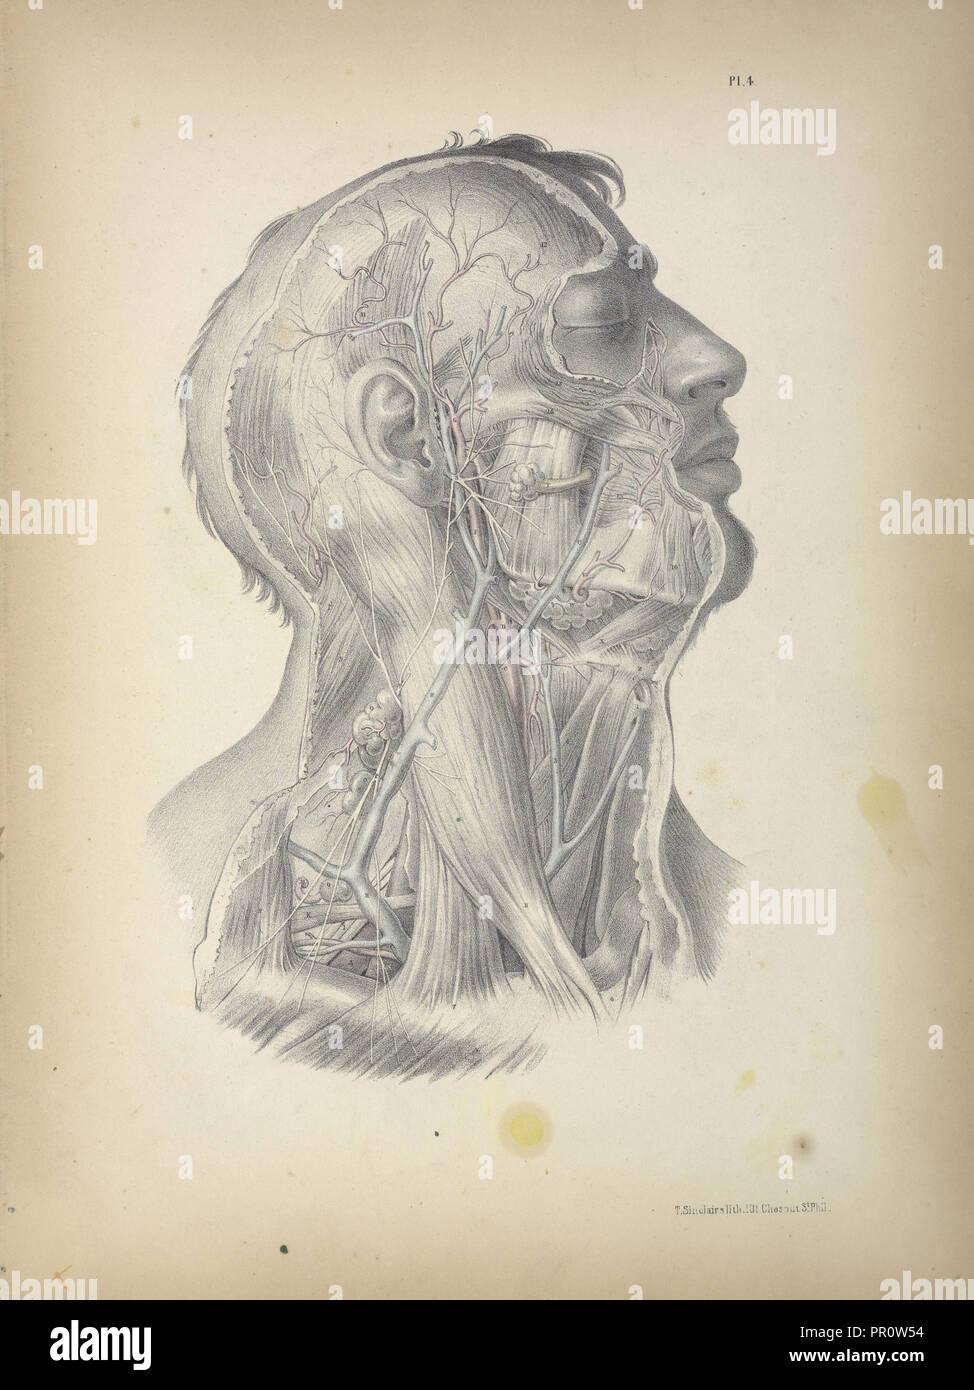 Pl. 4, anatomia chirurgica, Maclise, Giuseppe, litografia, 1851, litografia colorata. Maclise è autore e illustratore Immagini Stock